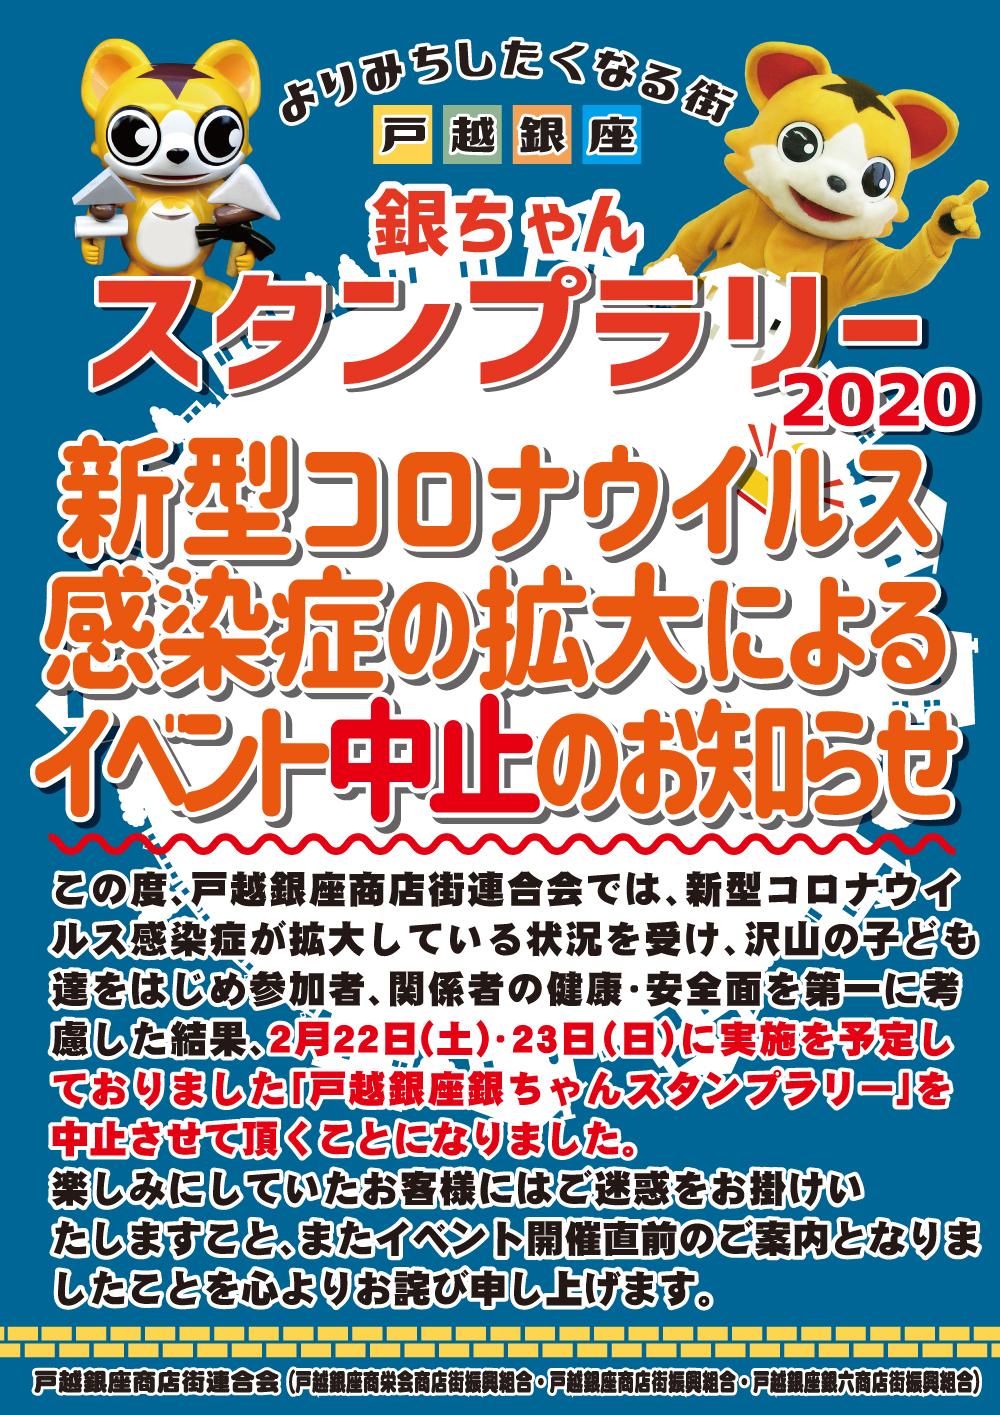 (重要)銀ちゃんスタンプラリー中止のお知らせ2/22(土曜)・2/23(日曜)